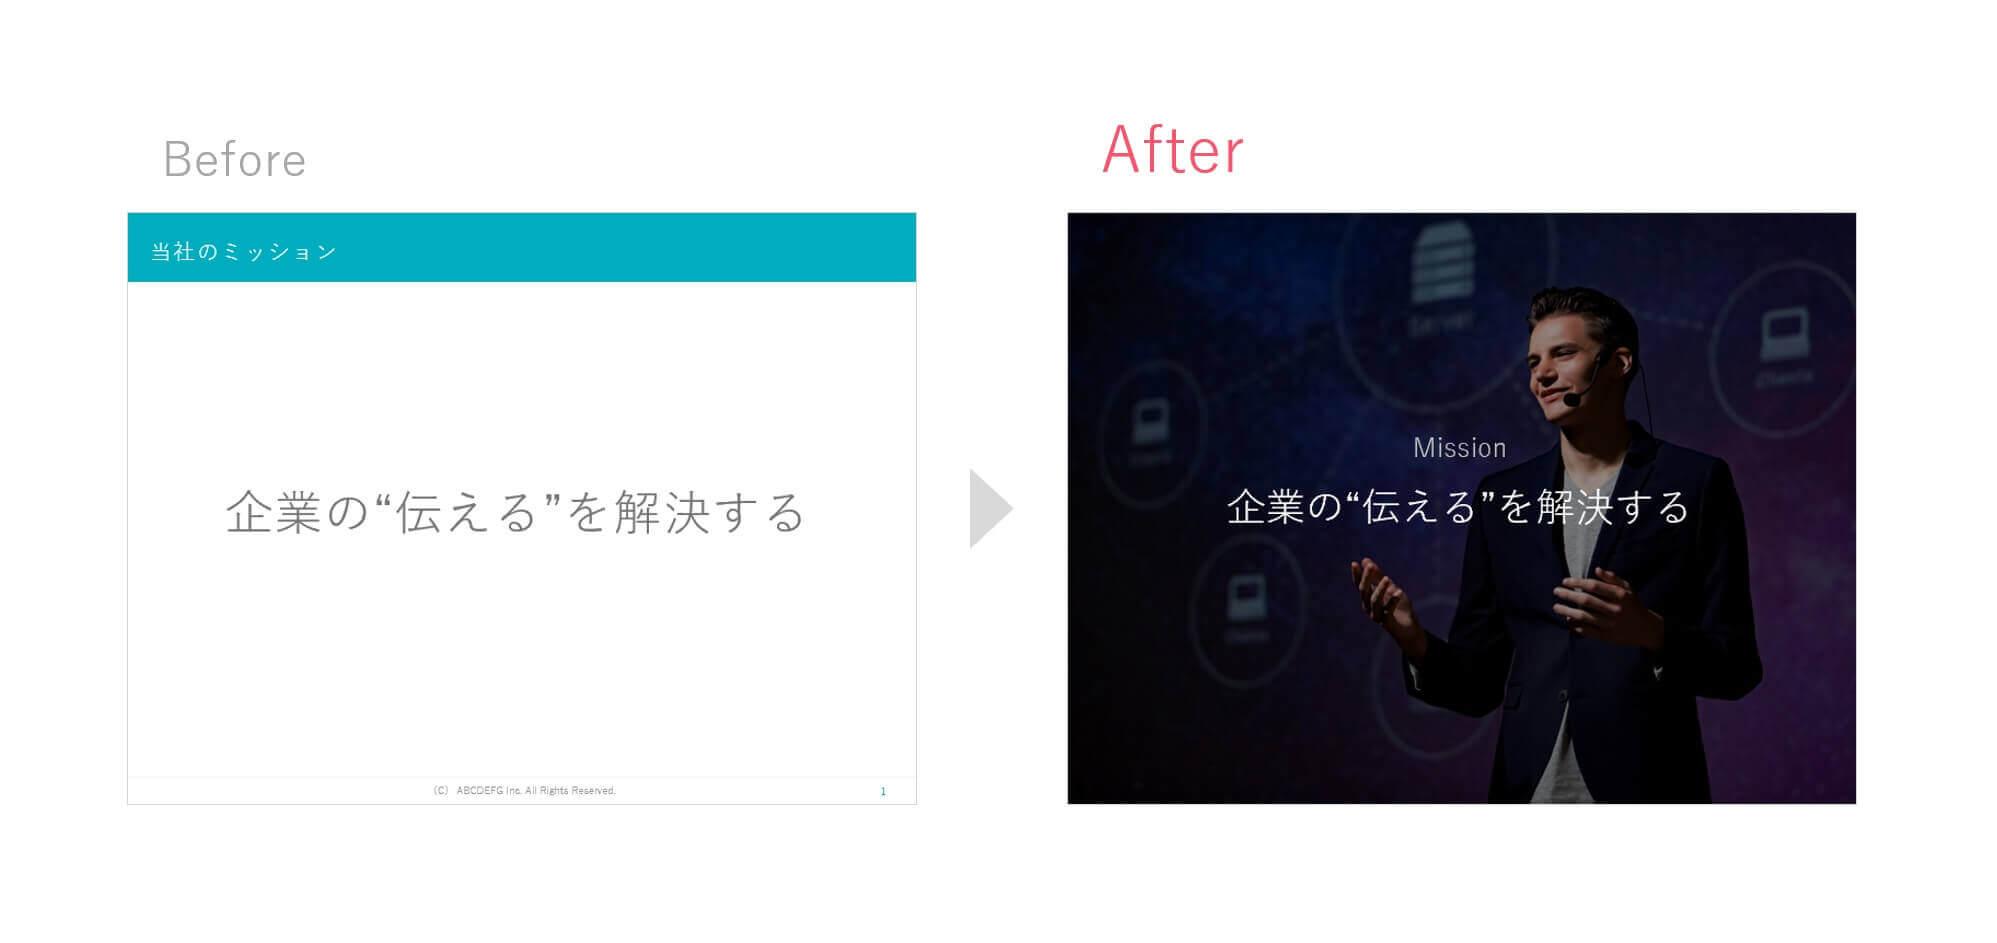 メッセージスライドのBeore/After